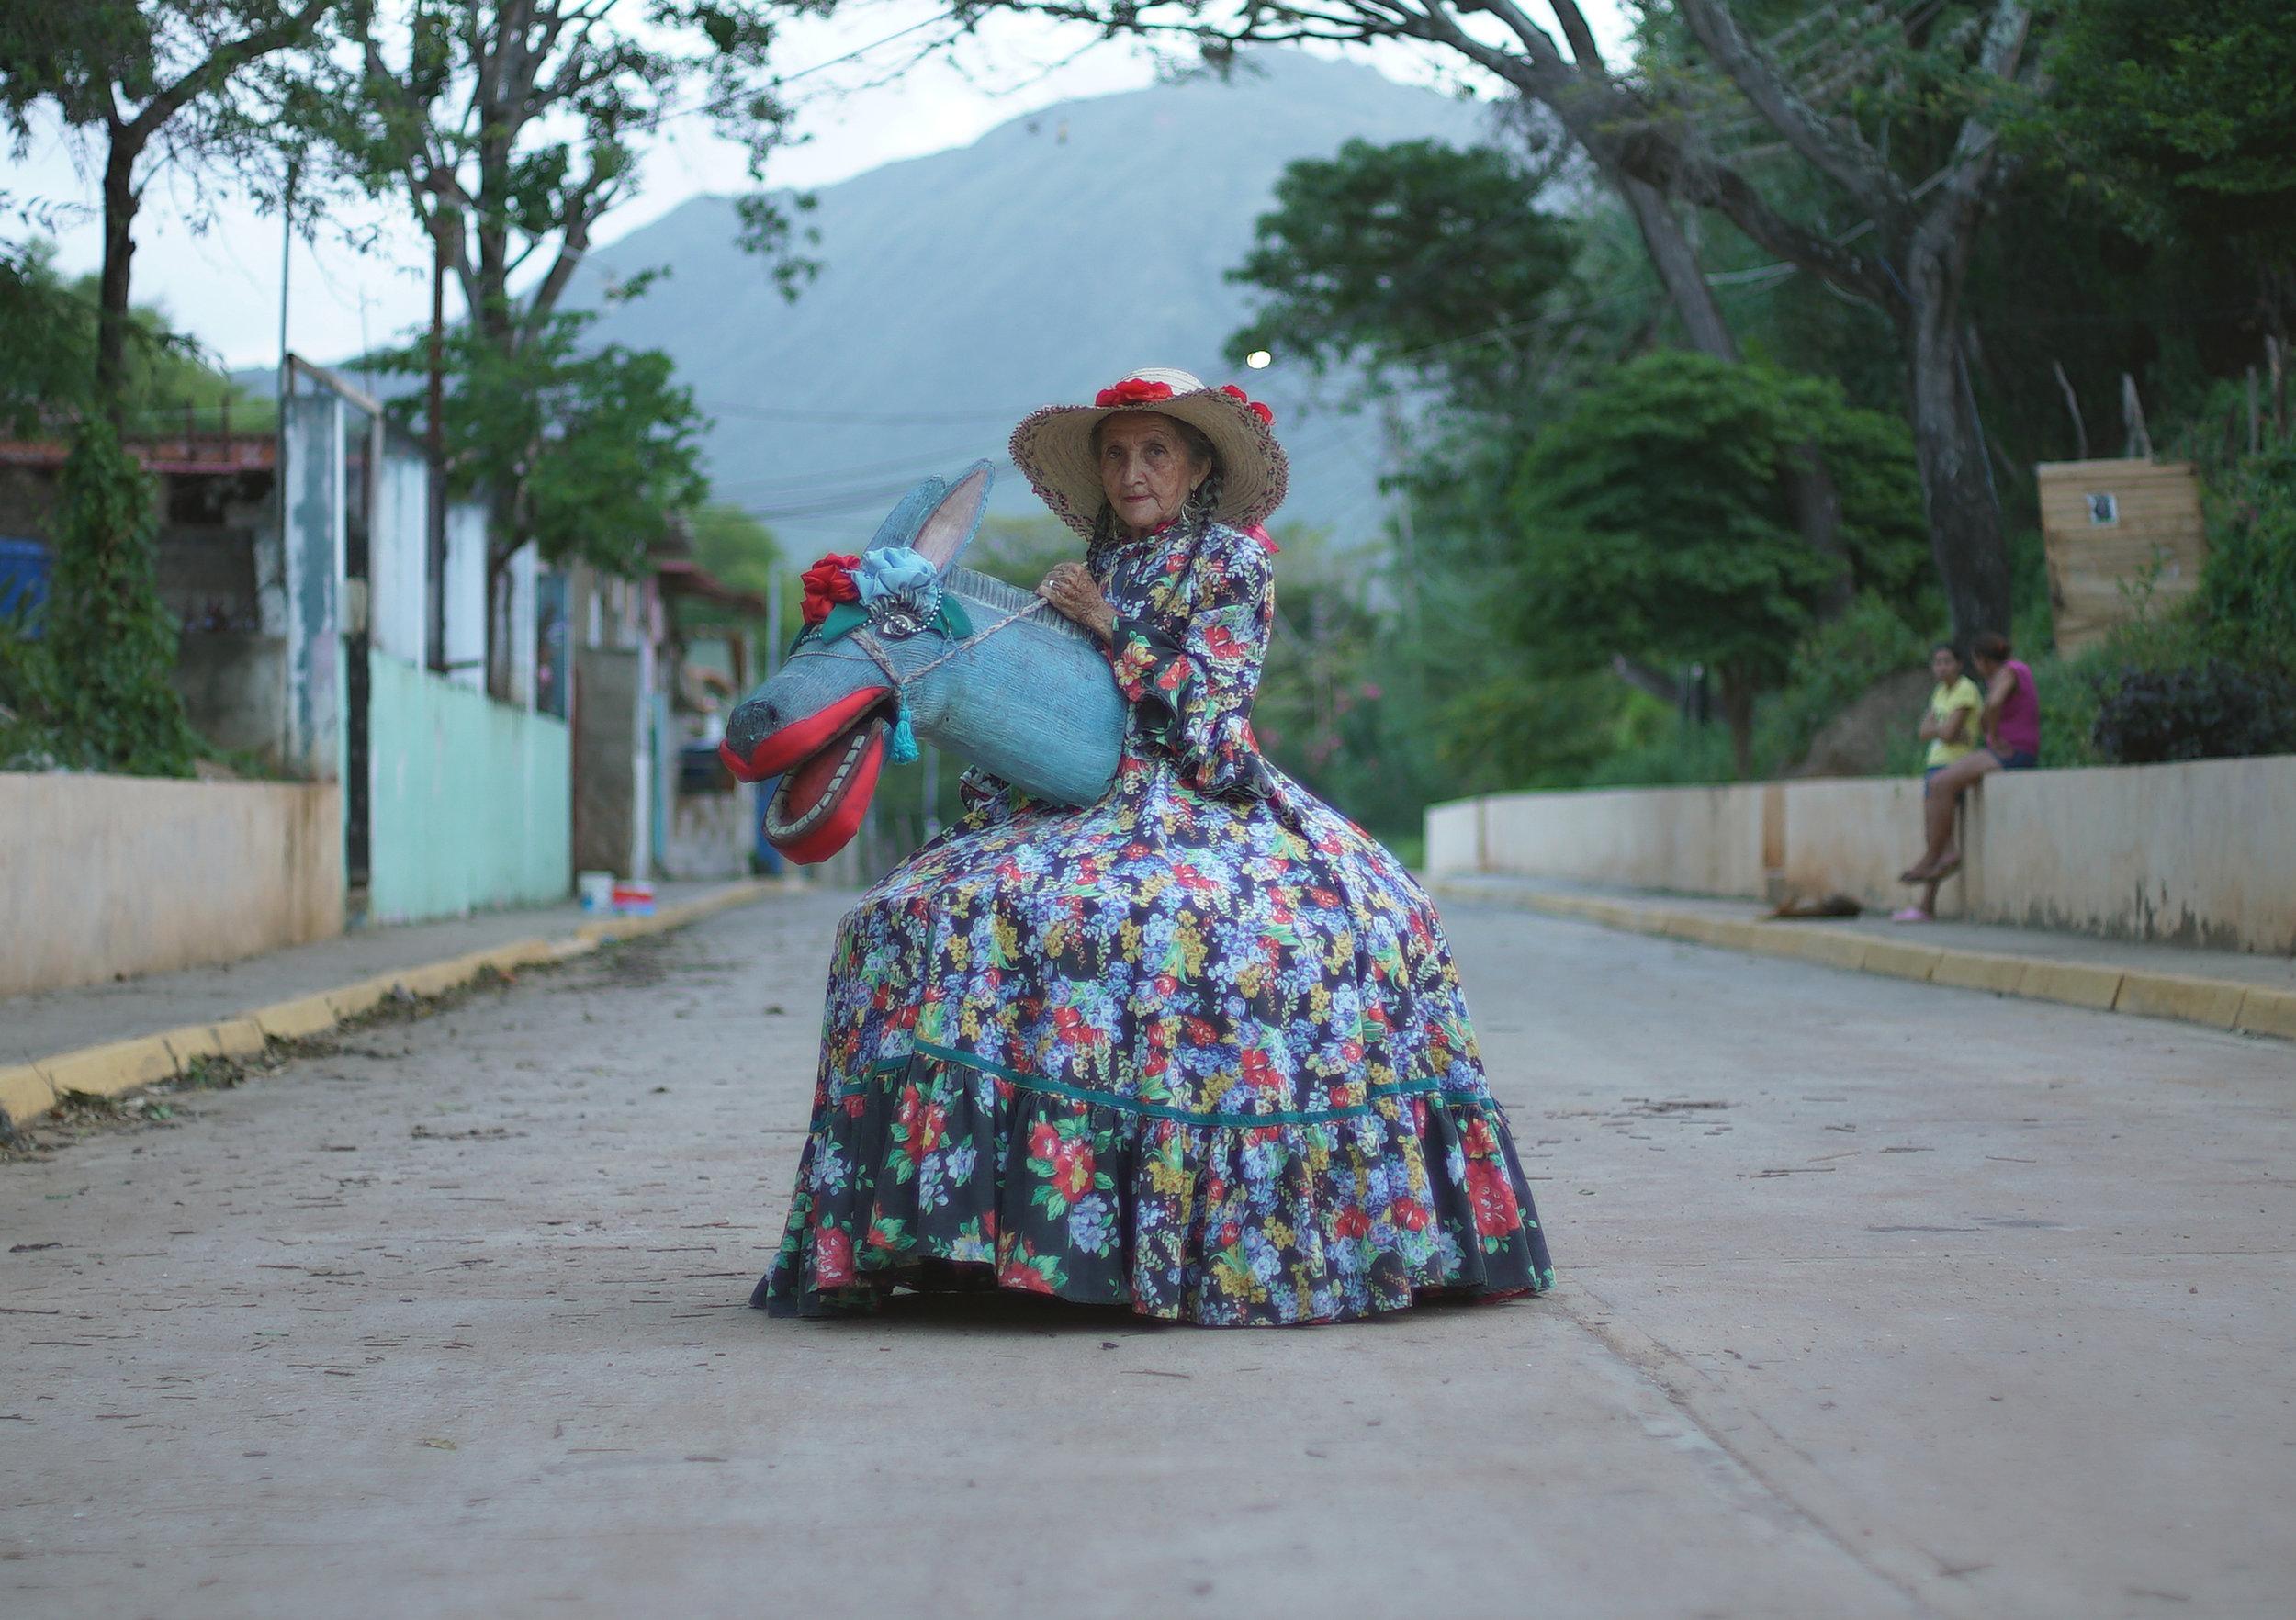 LA MOROCHITA - Short Documentary